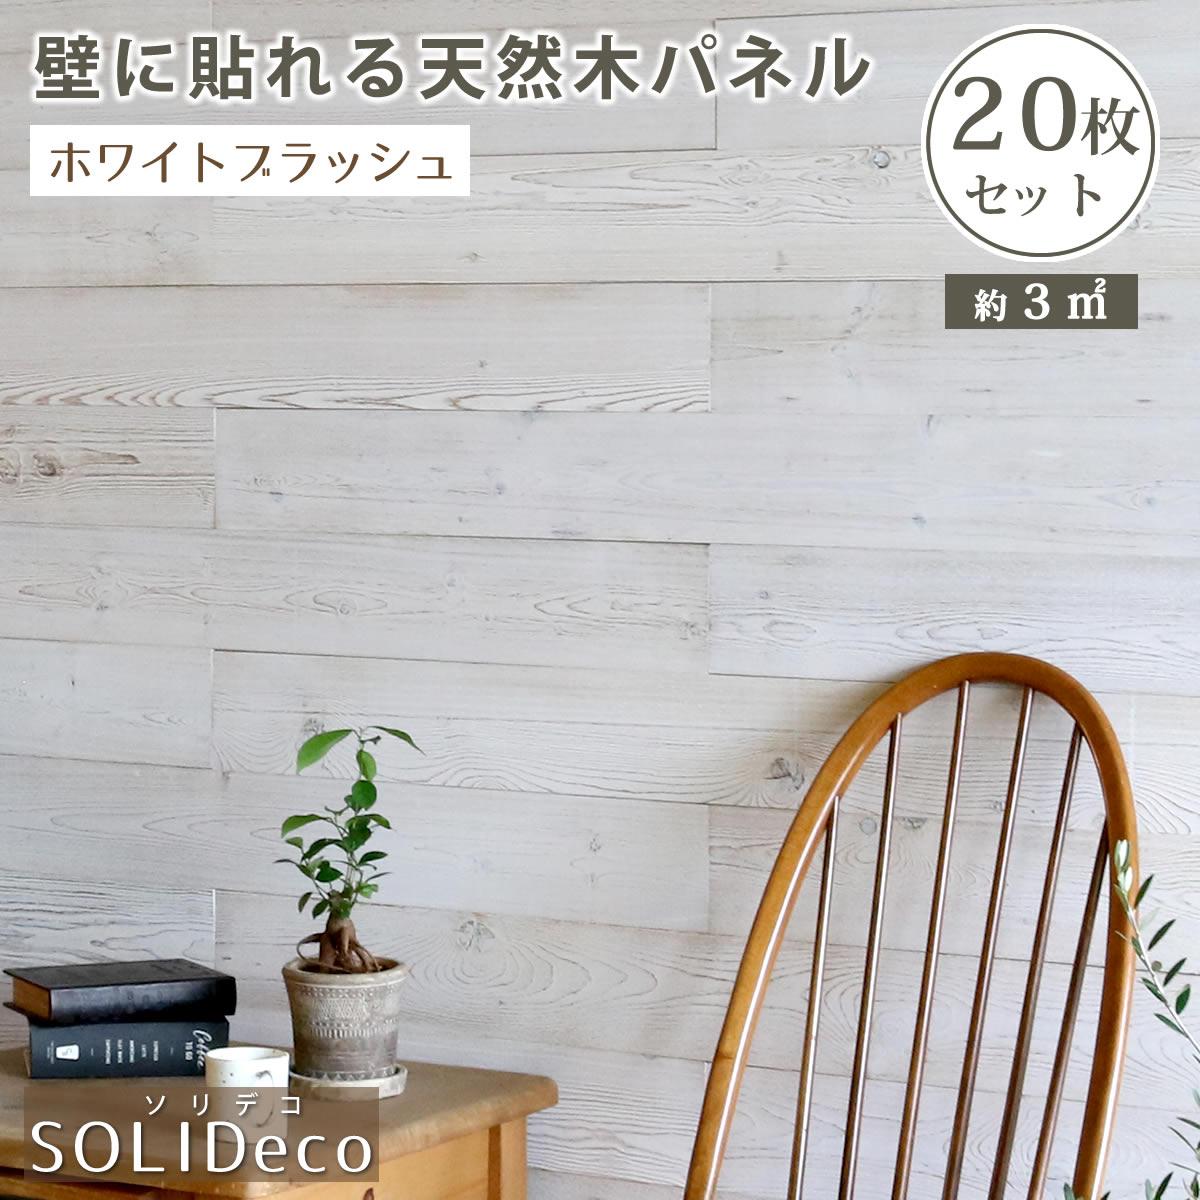 壁パネル ウォールパネル ウッドパネル AL完売しました。 実物 DIY 壁紙 20枚組 約3m2 壁に貼れる天然木パネル SOLIDECO 送料無料